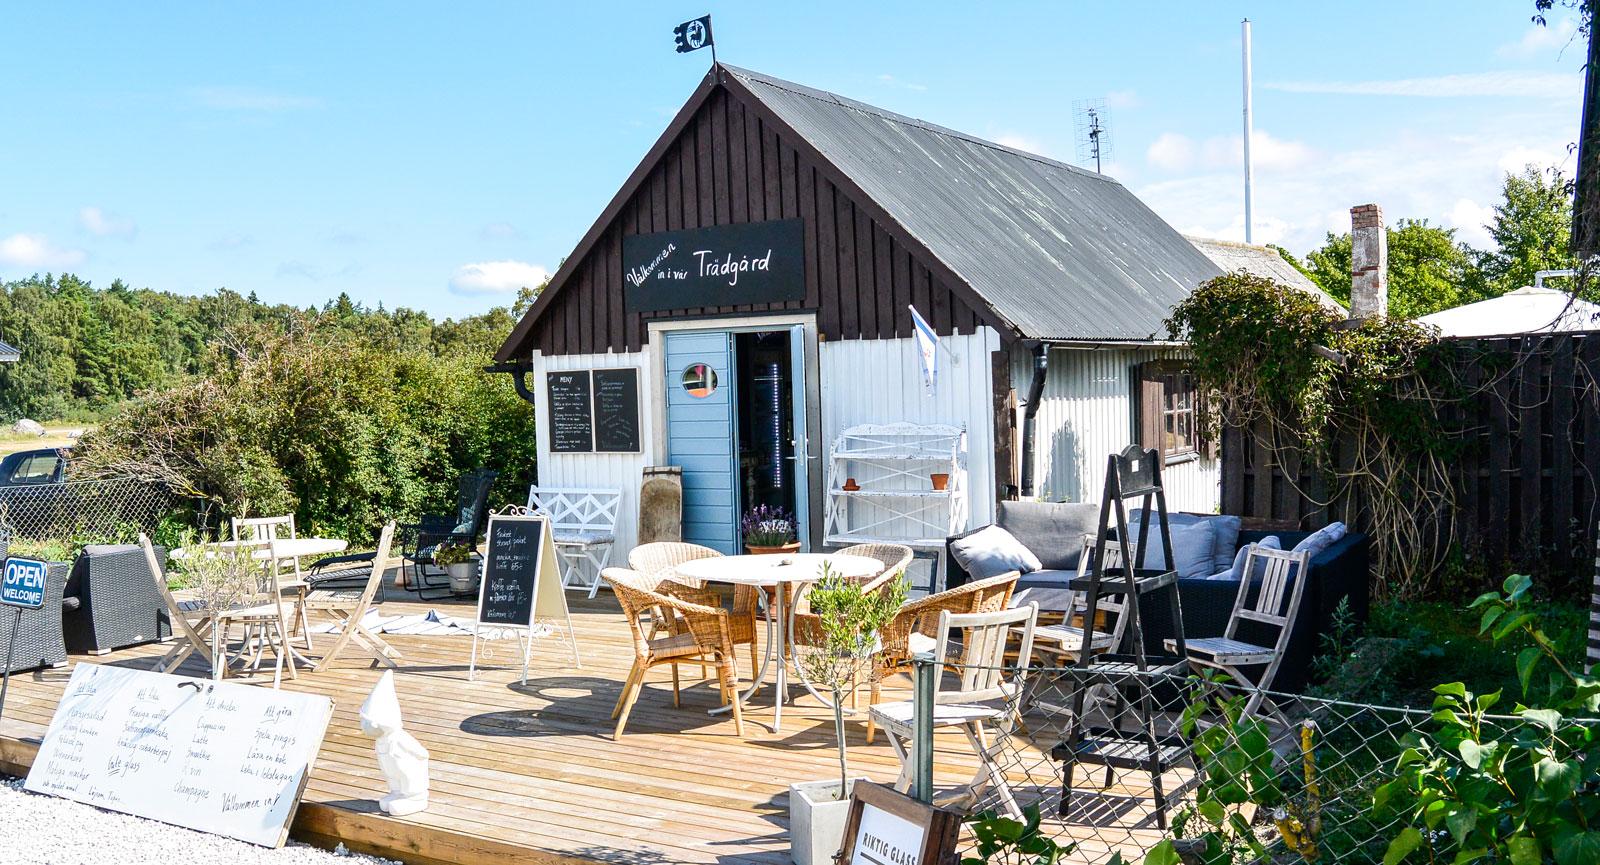 Tofta strandsTrädgårdscafé är ett urmysigt ställe som serverar frukost, fika och enklare rätter i husets trädgård.